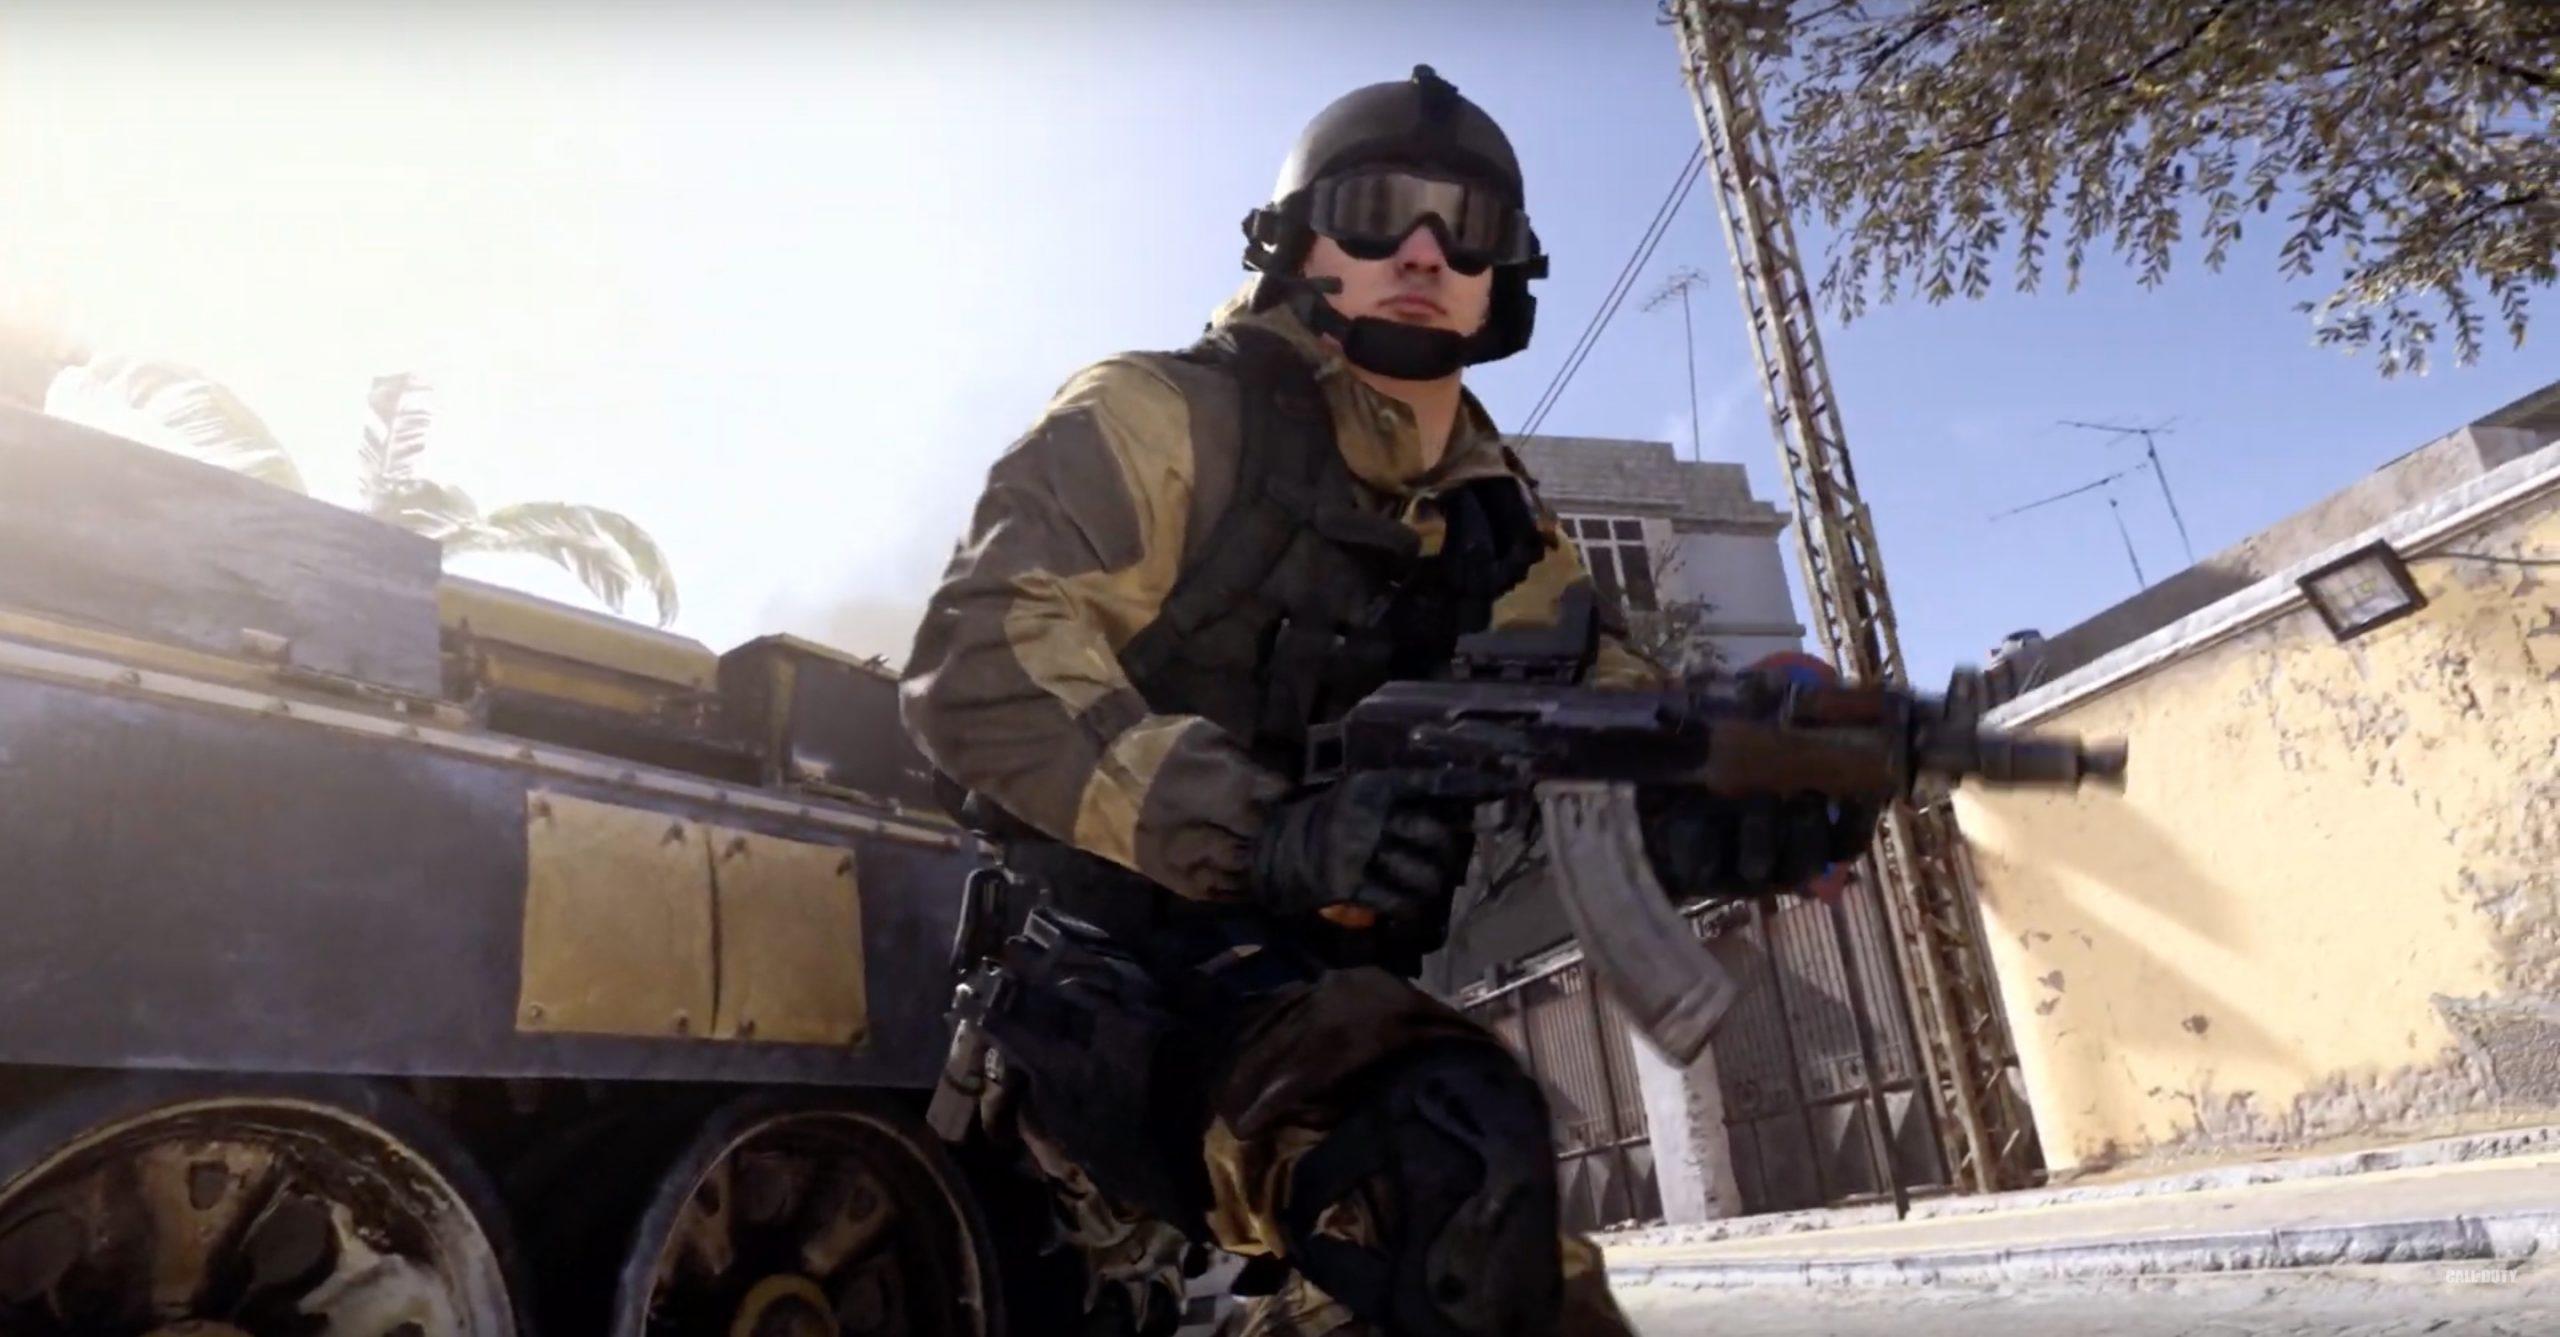 Call of Duty: Modern Warfare to CoD, 2009. urteaz geroztik itxaroten dut. Nire itxaropenak 13 puntu horiek alde batera utzi zituen